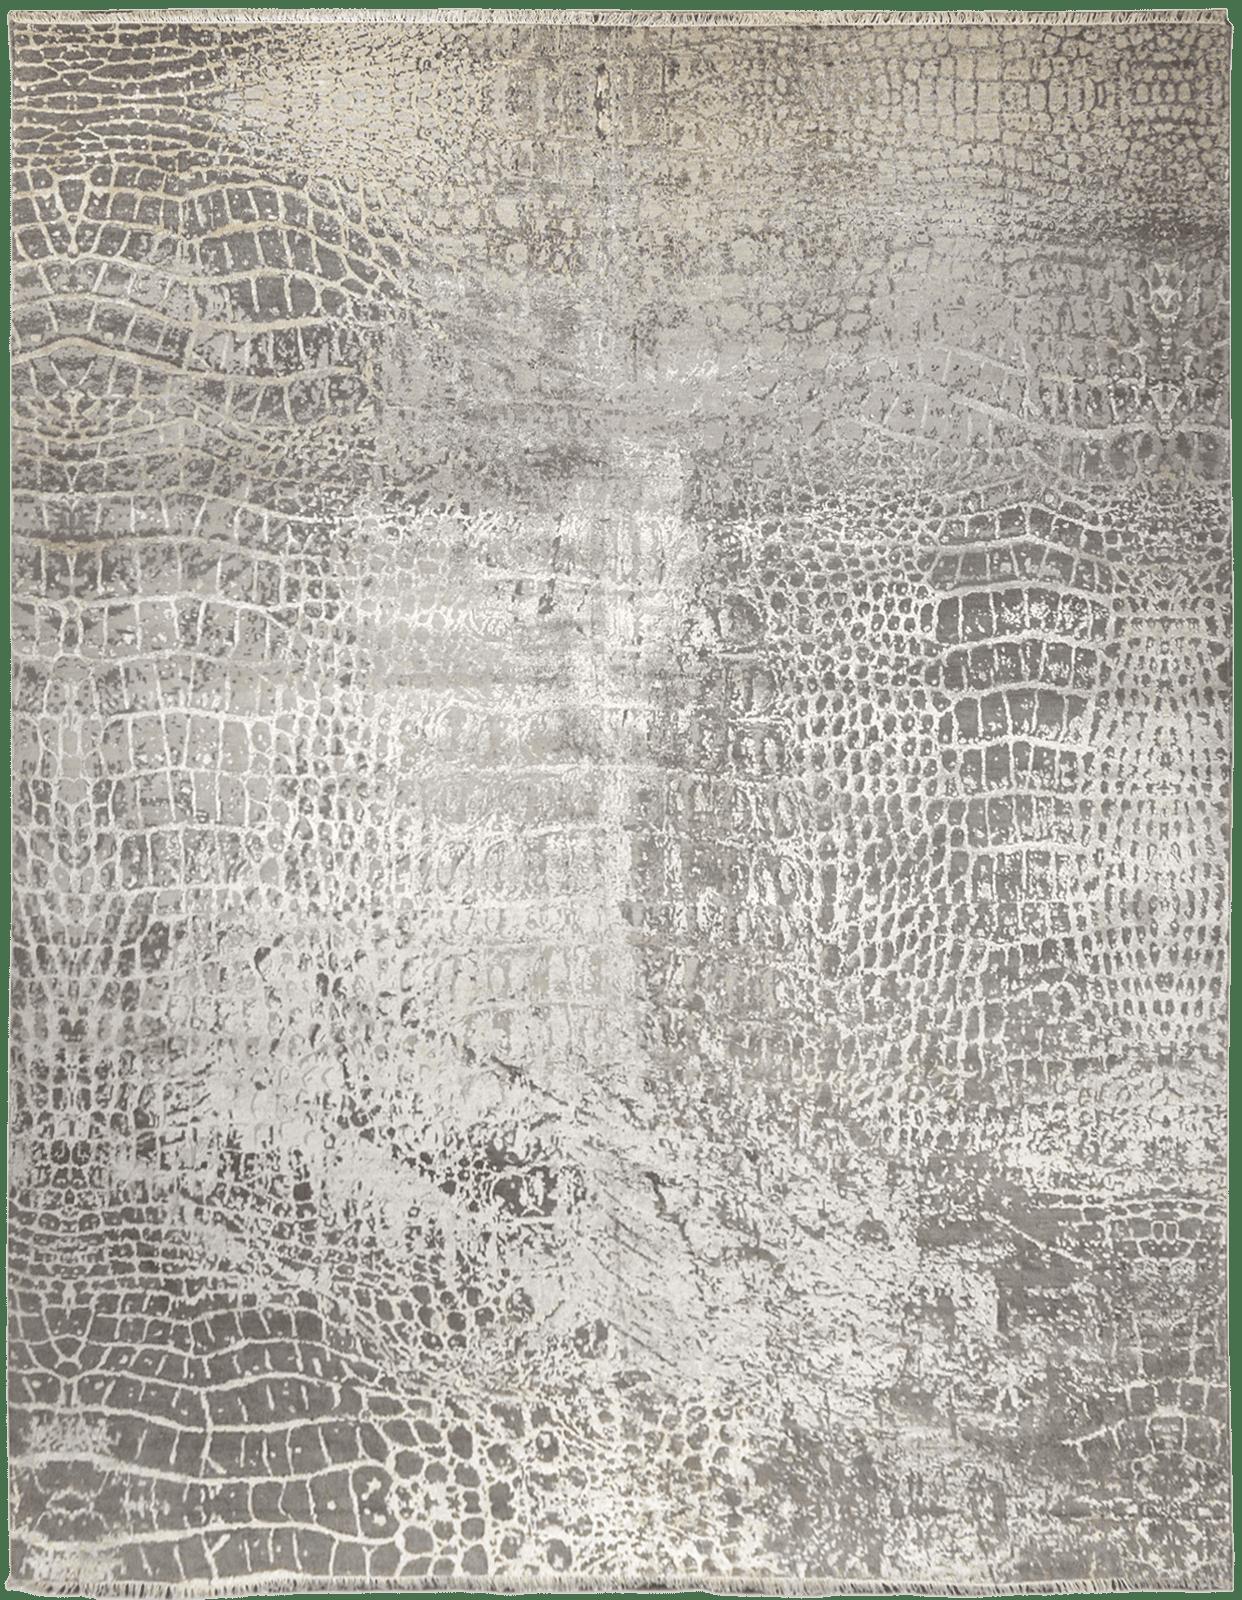 loricata-design-tapijt-luxe-moderne-exclusieve-design-tapijten-luxe-vloerkleden-zijde-haute-couture-koreman-maastricht